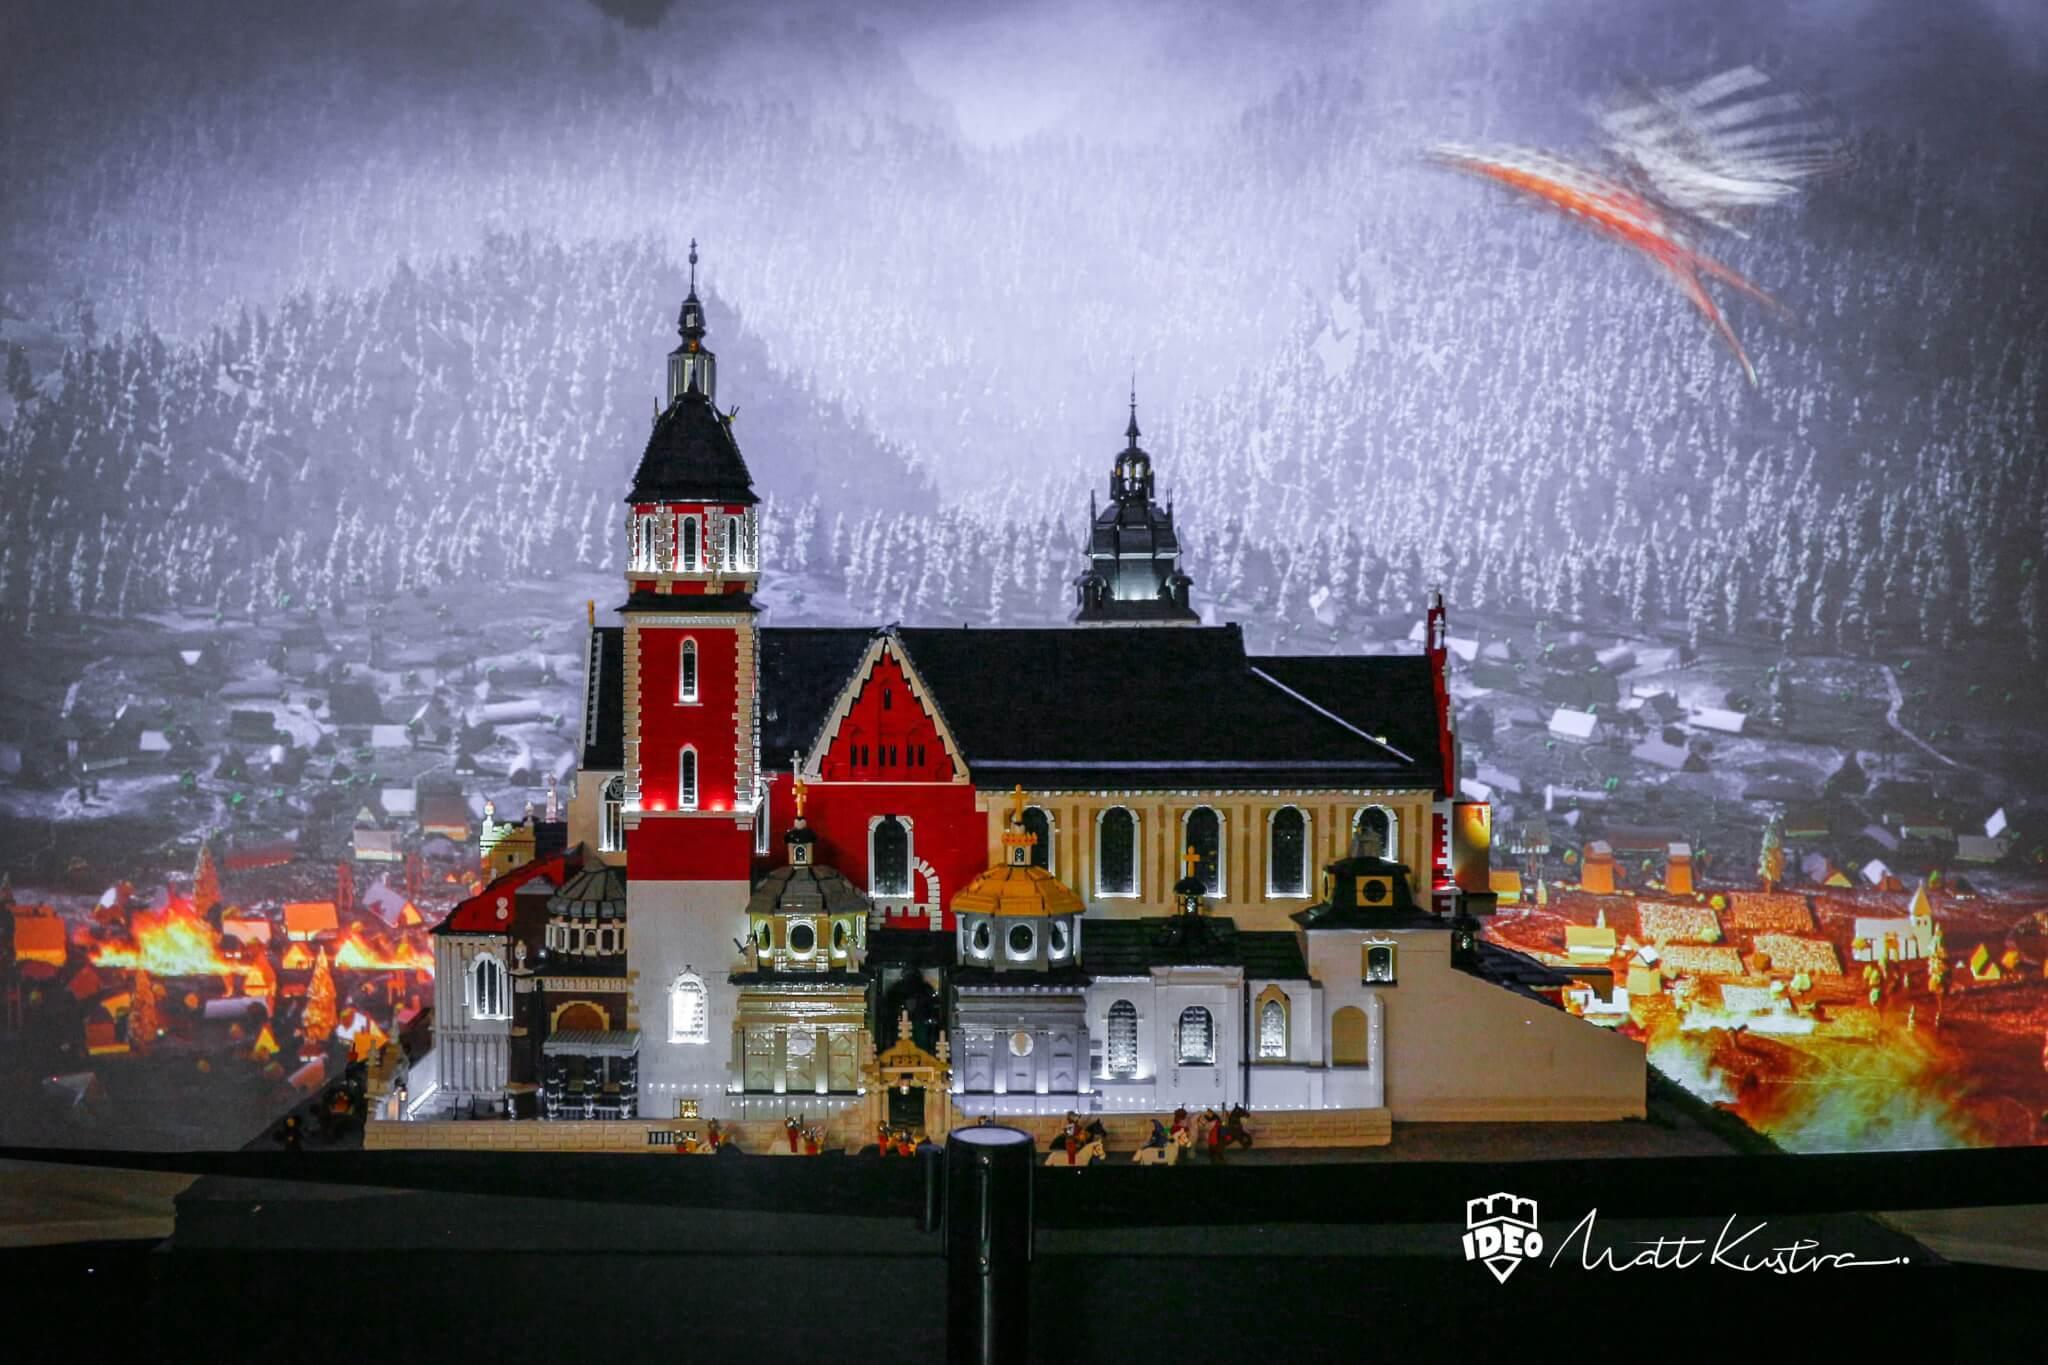 Historyland-Lego-Polska-stare-miasto-lego-zbudowane-przez-Ideo-Klocki.jpg